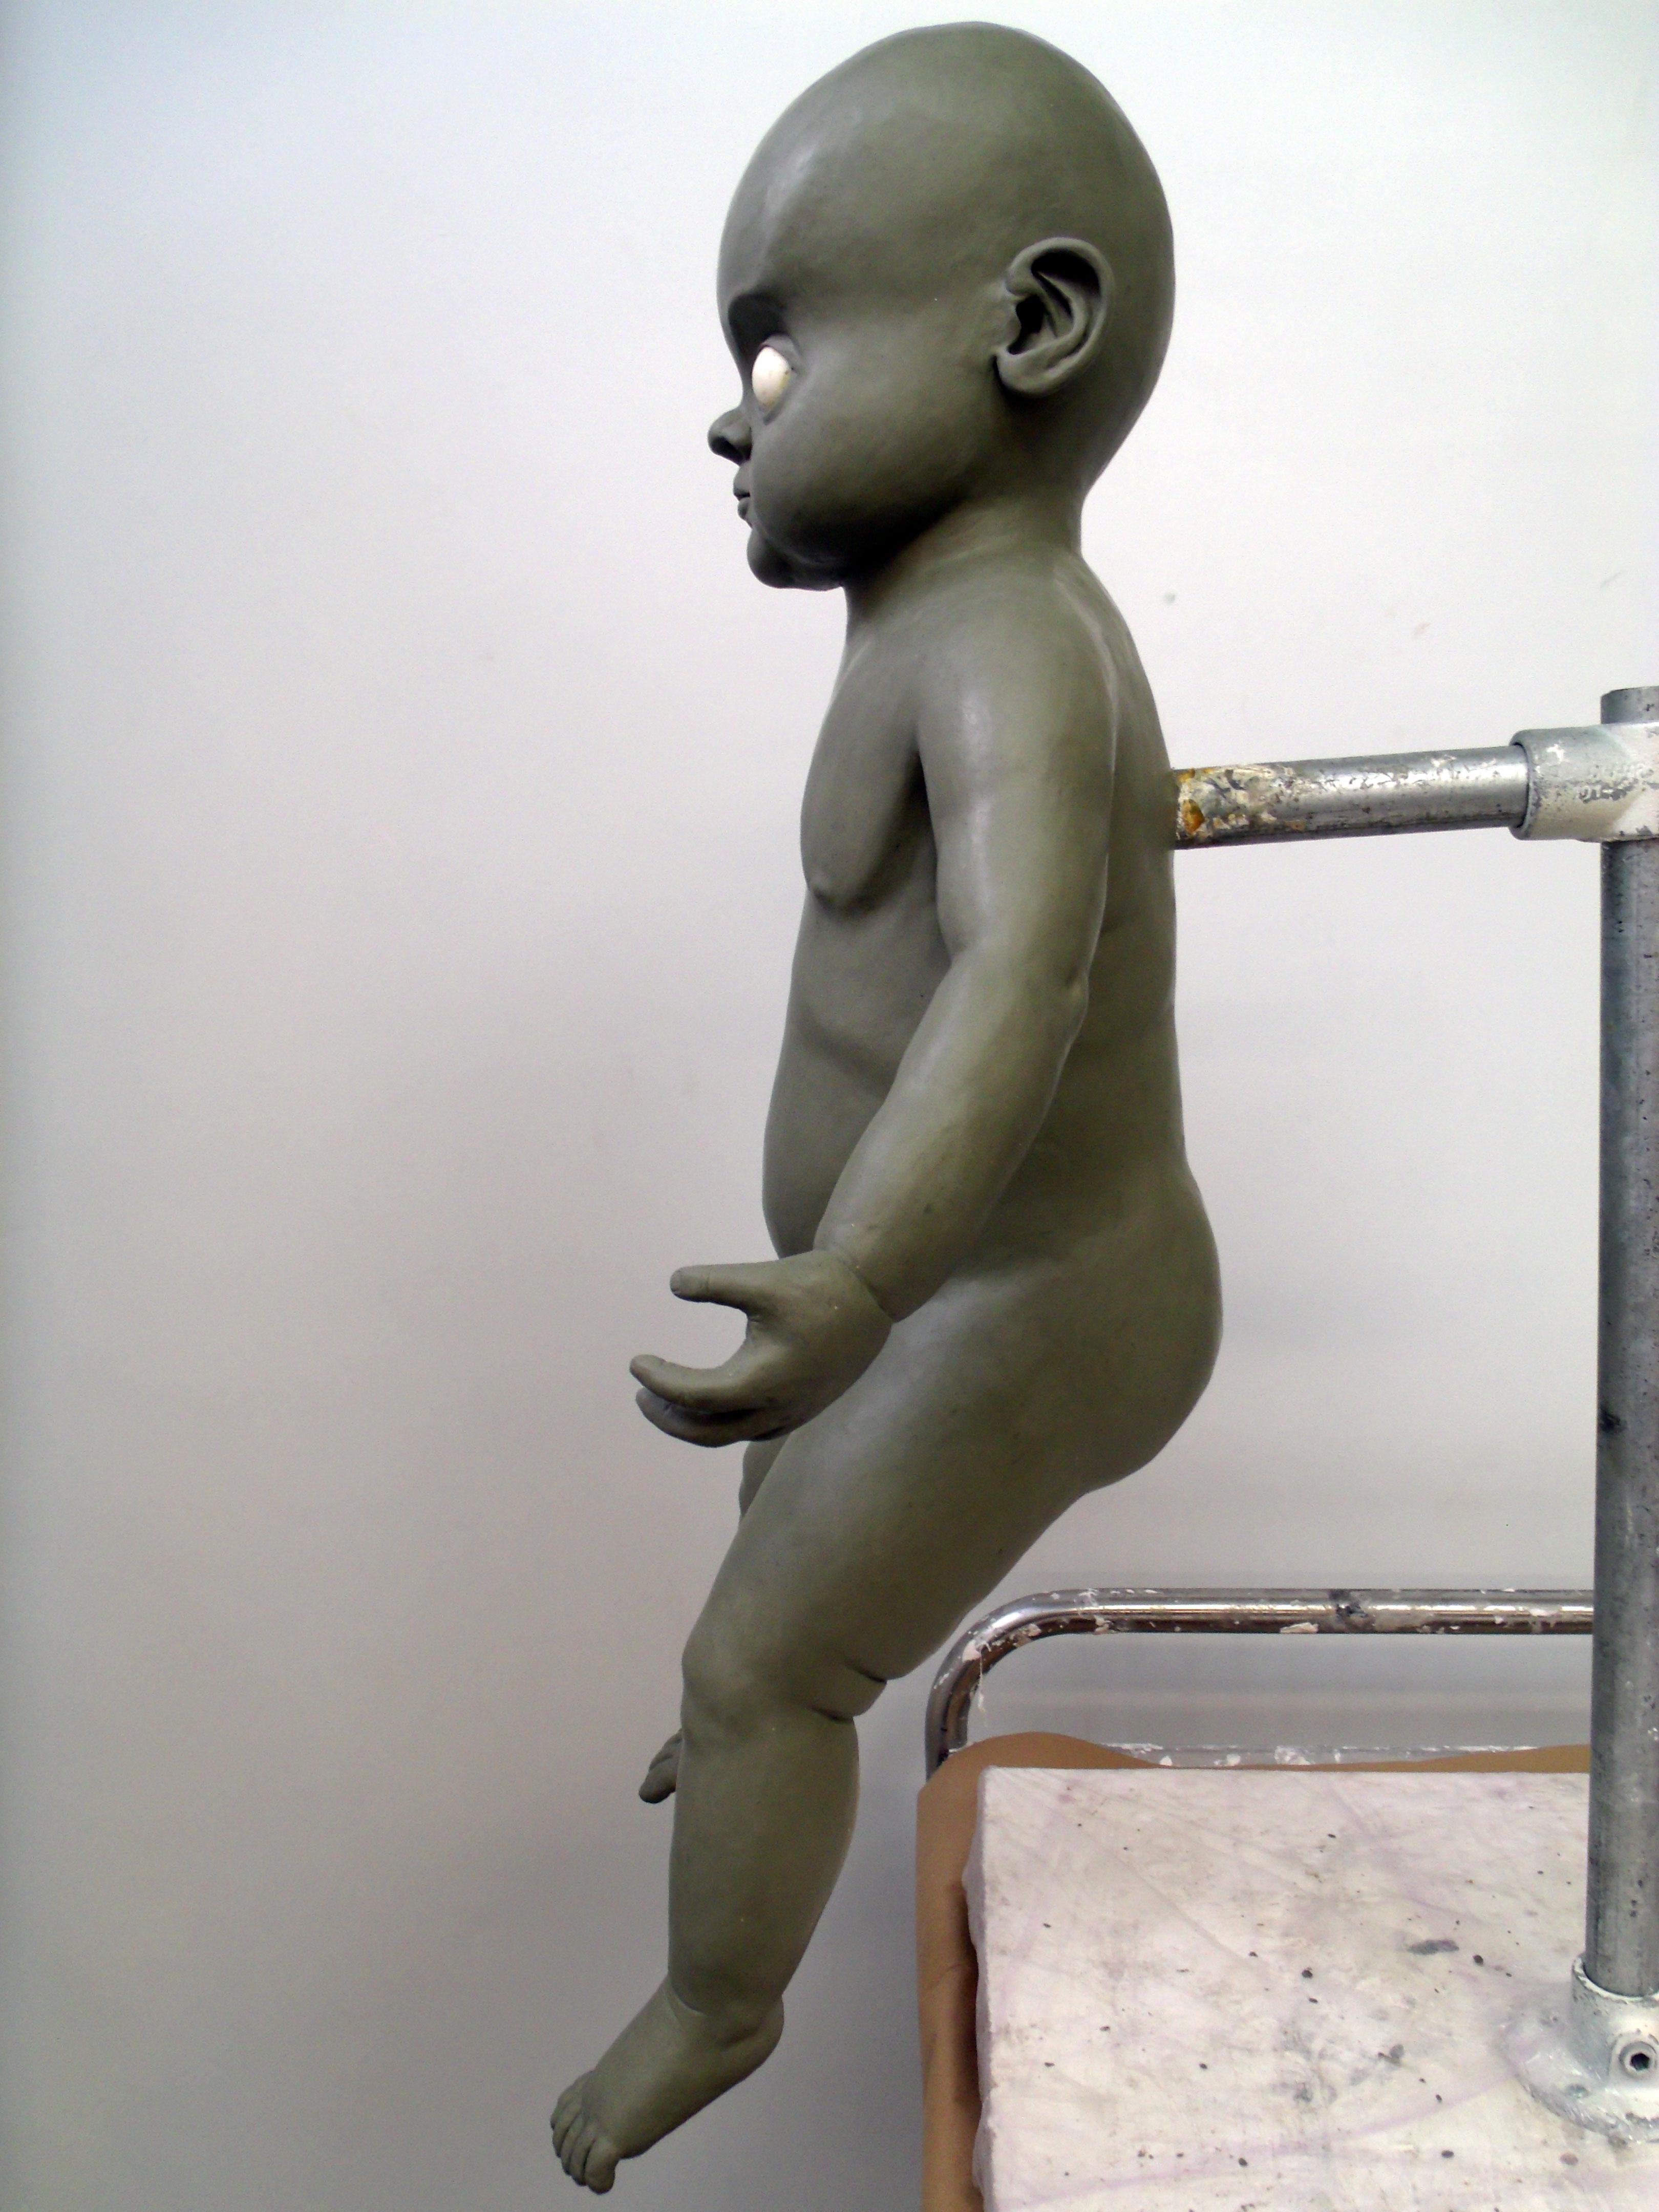 Changeling final sculpt